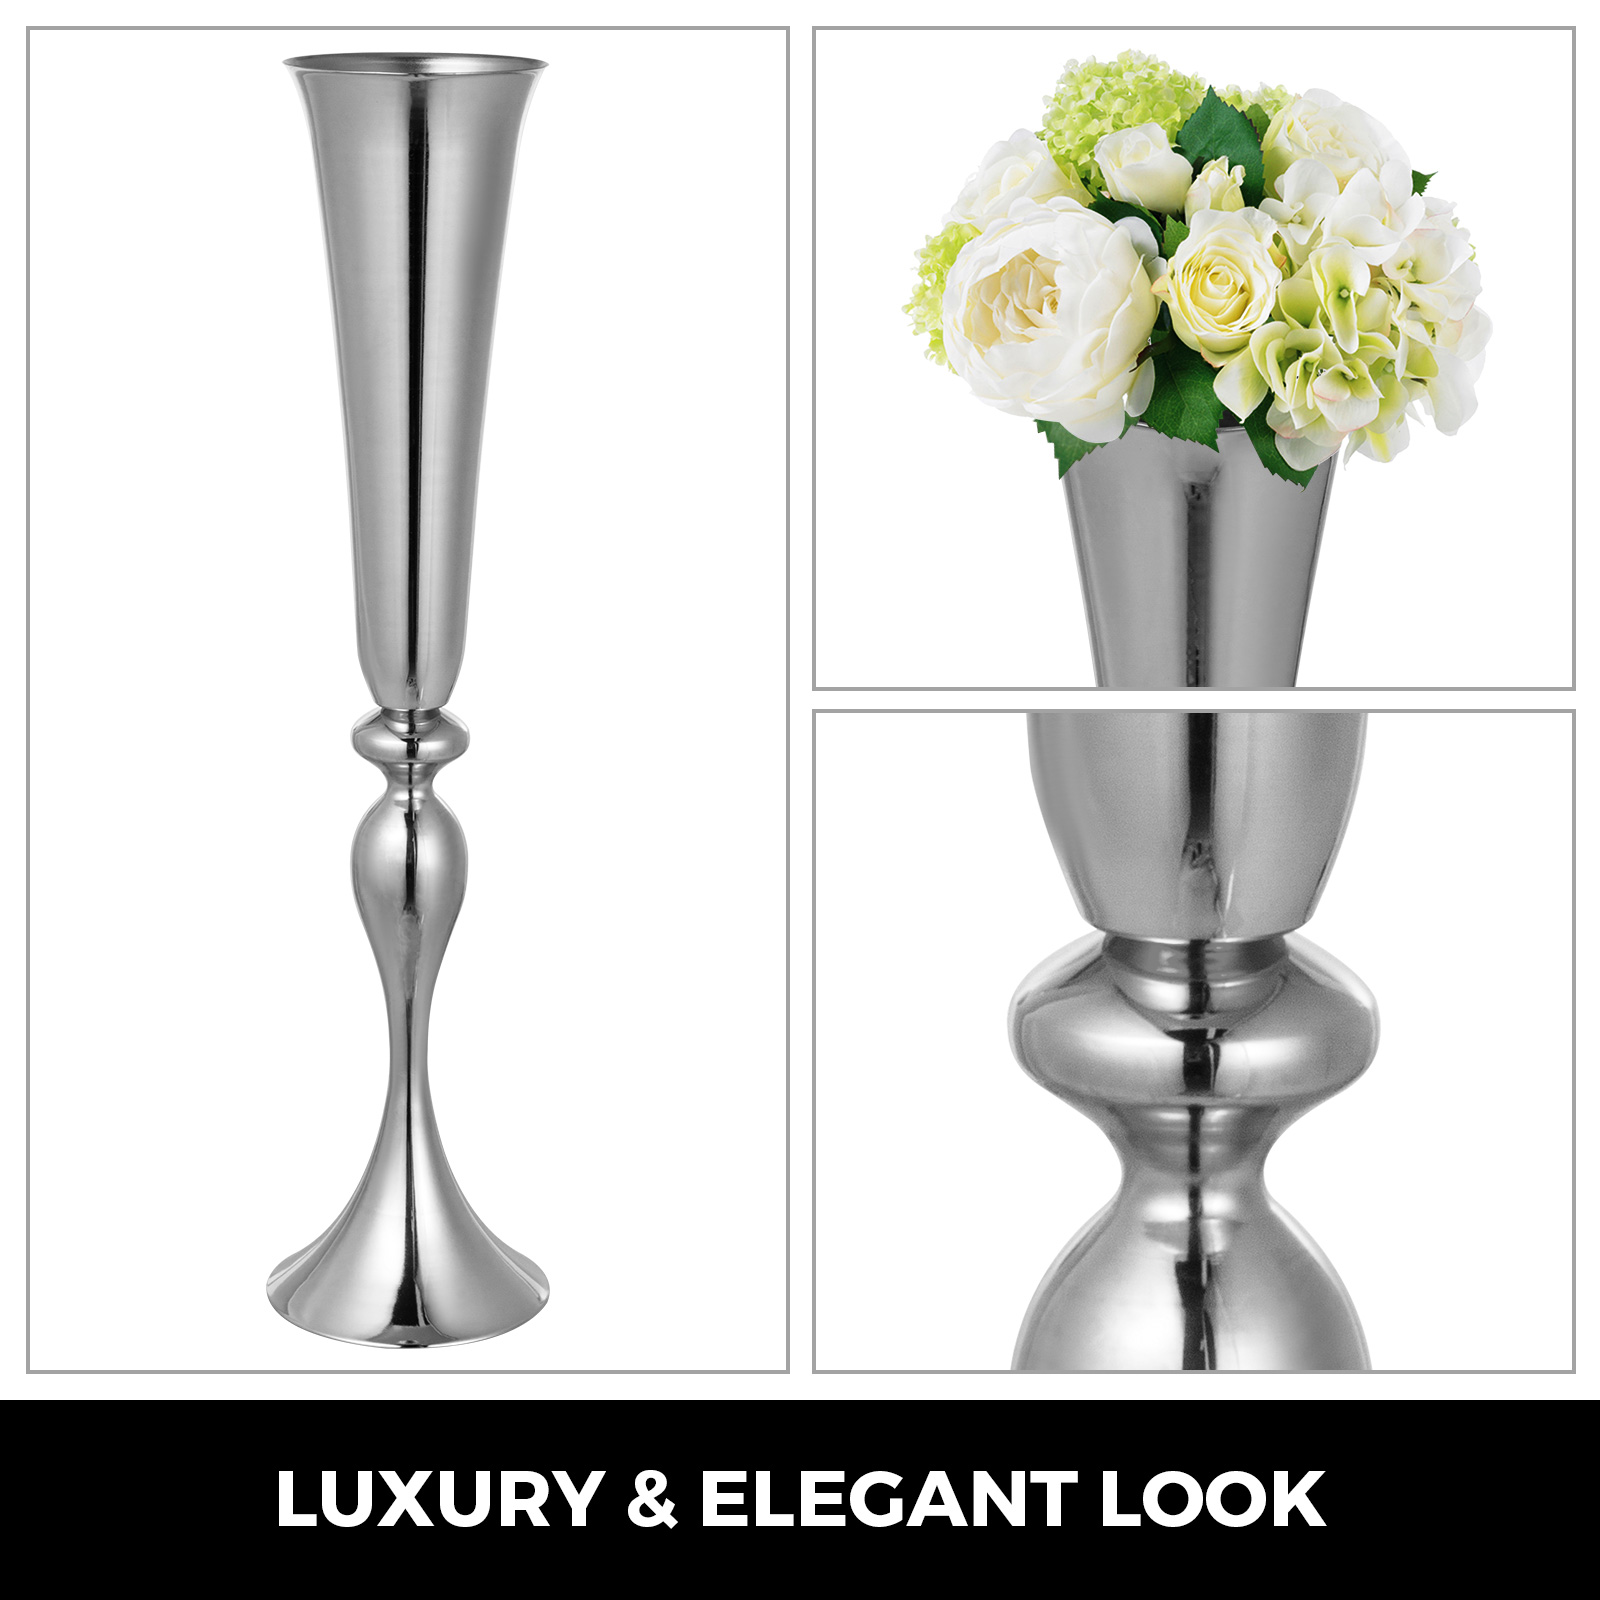 Trumpet-Vase-Flower-Vases-Centerpiece-29-5-034-22-034-for-Party-Celebration-Events thumbnail 99